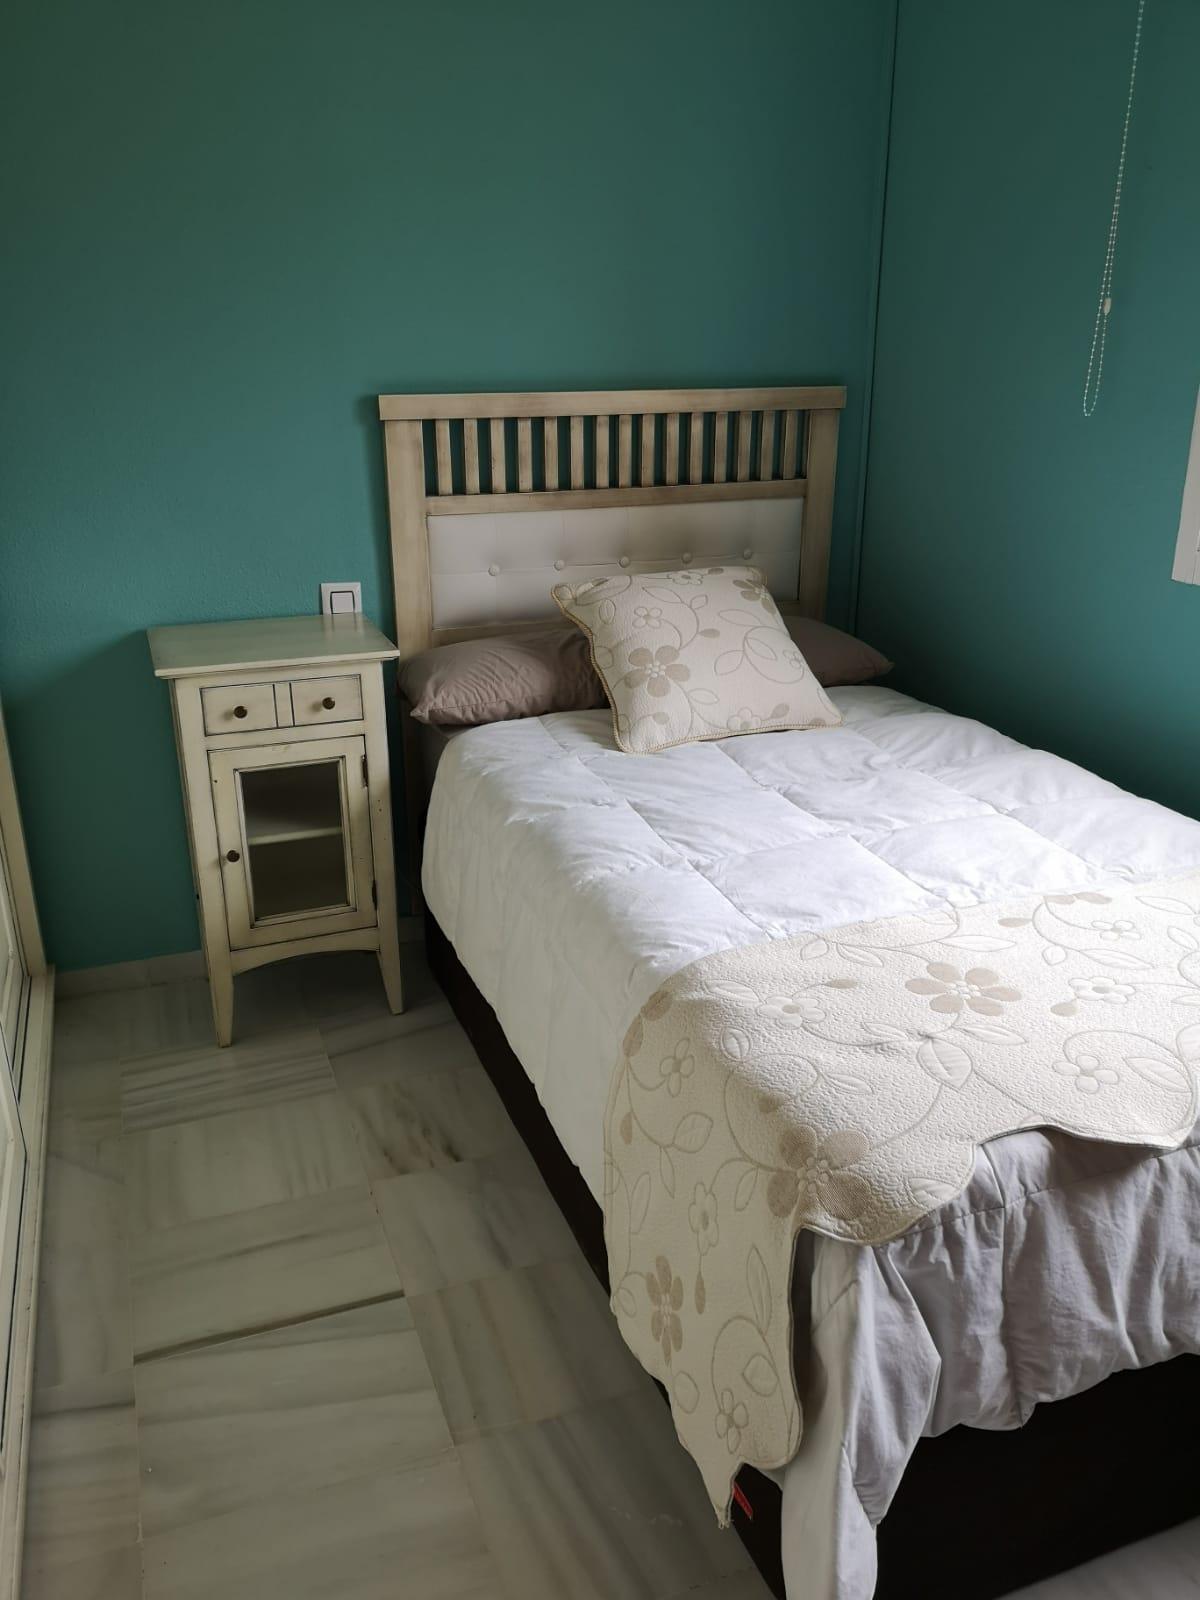 Dormitorio completo a medida: ¡con muchos detalles!